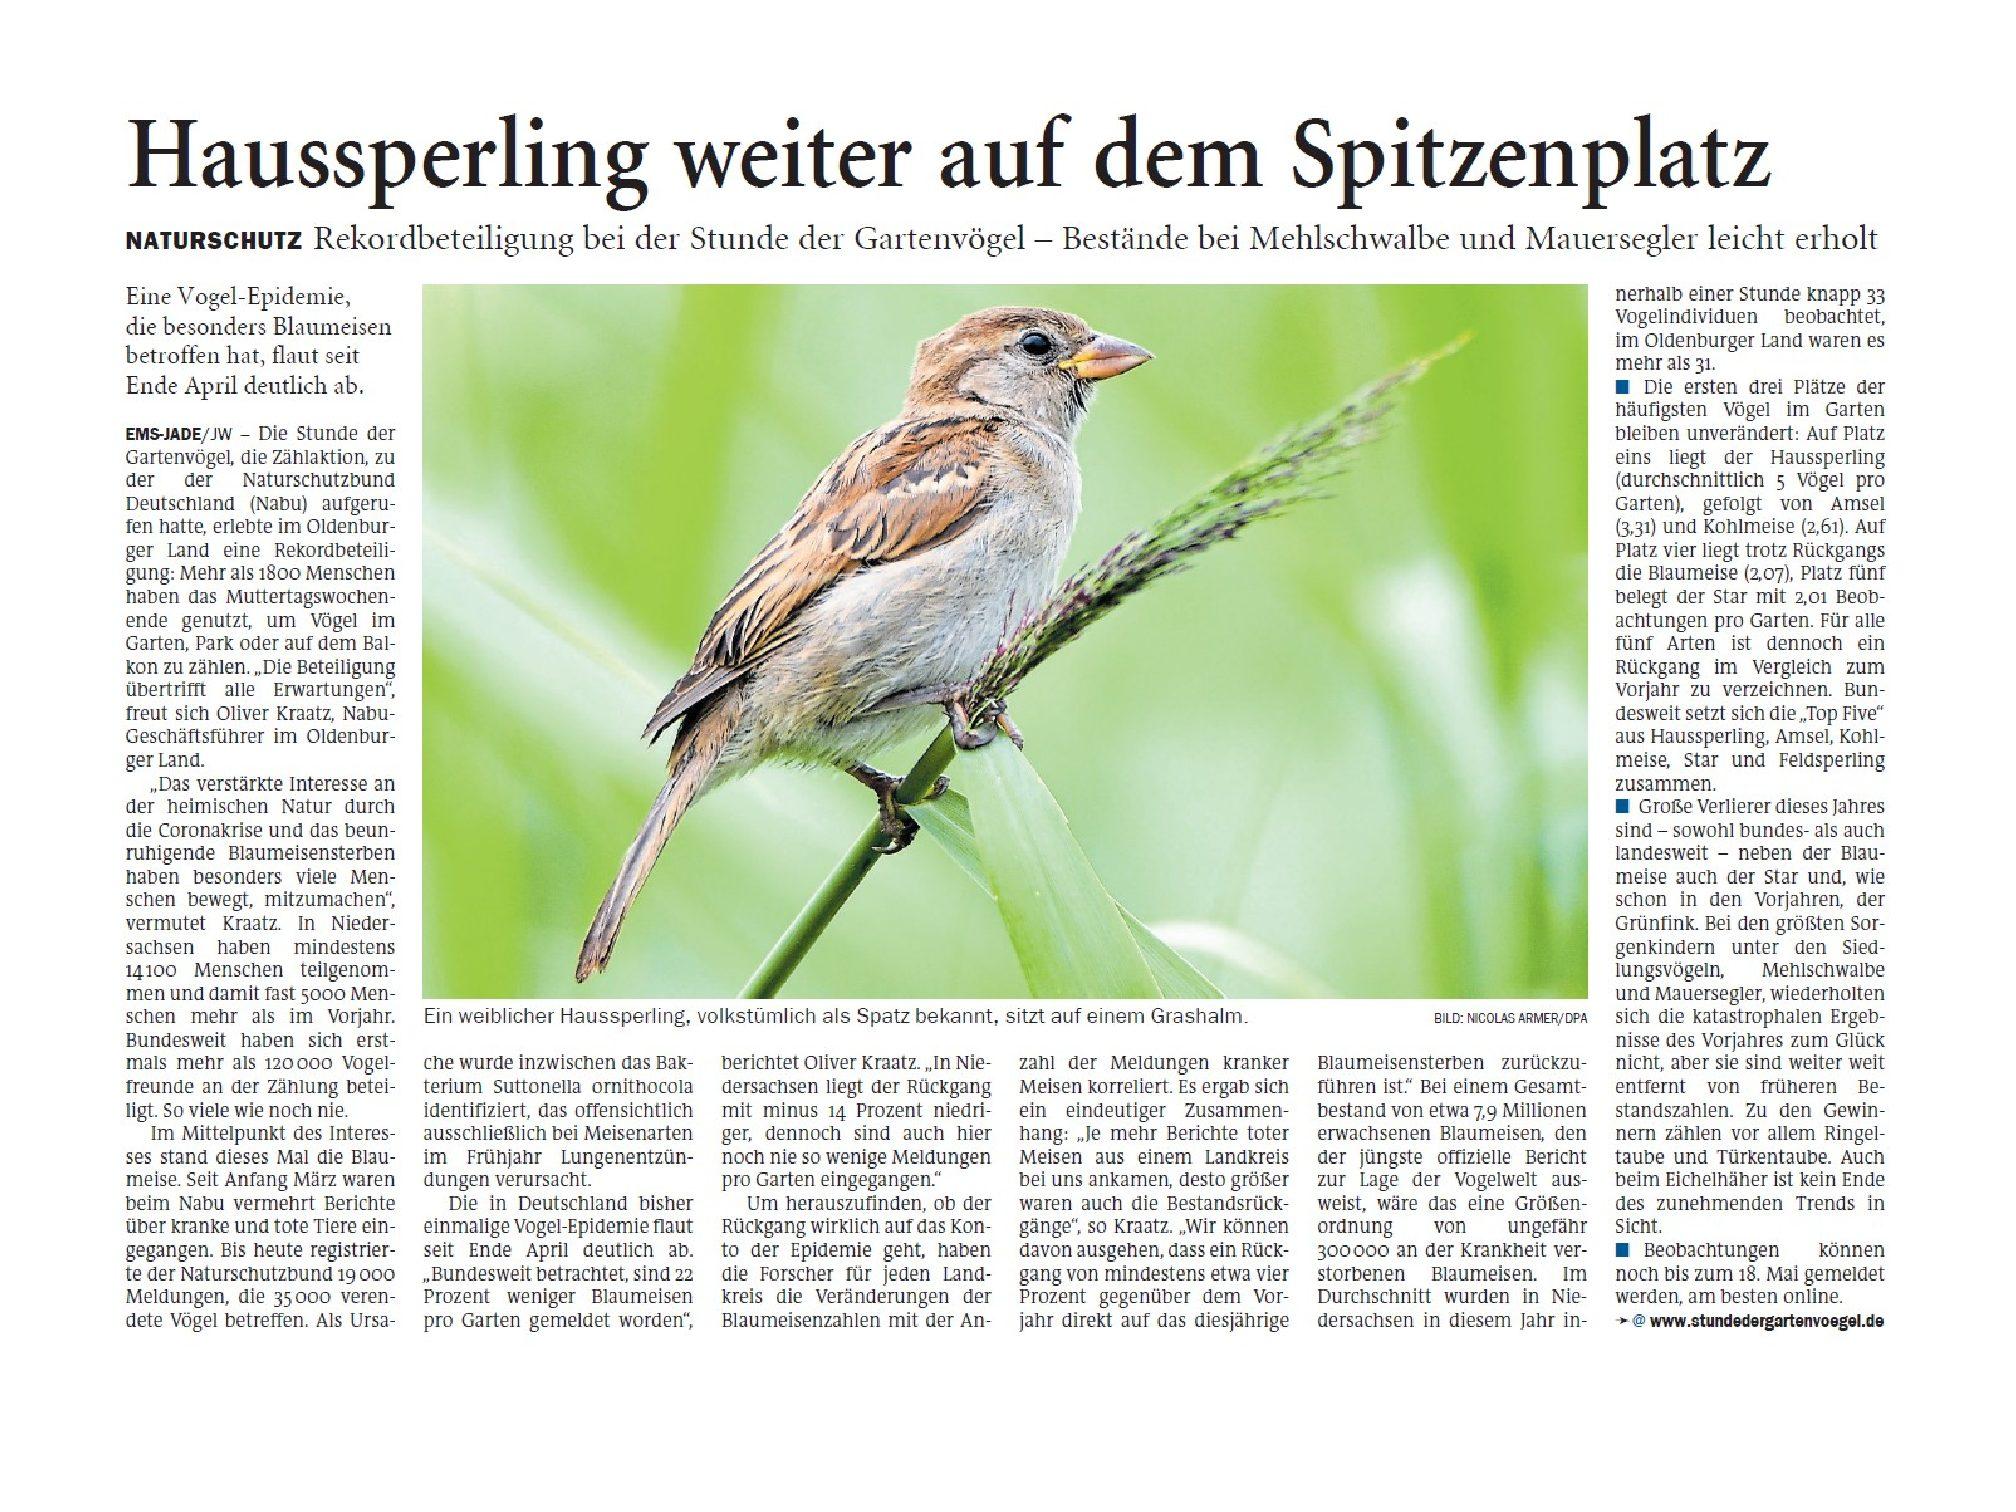 Jeversches Wochenblatt 14.05.2020 IV